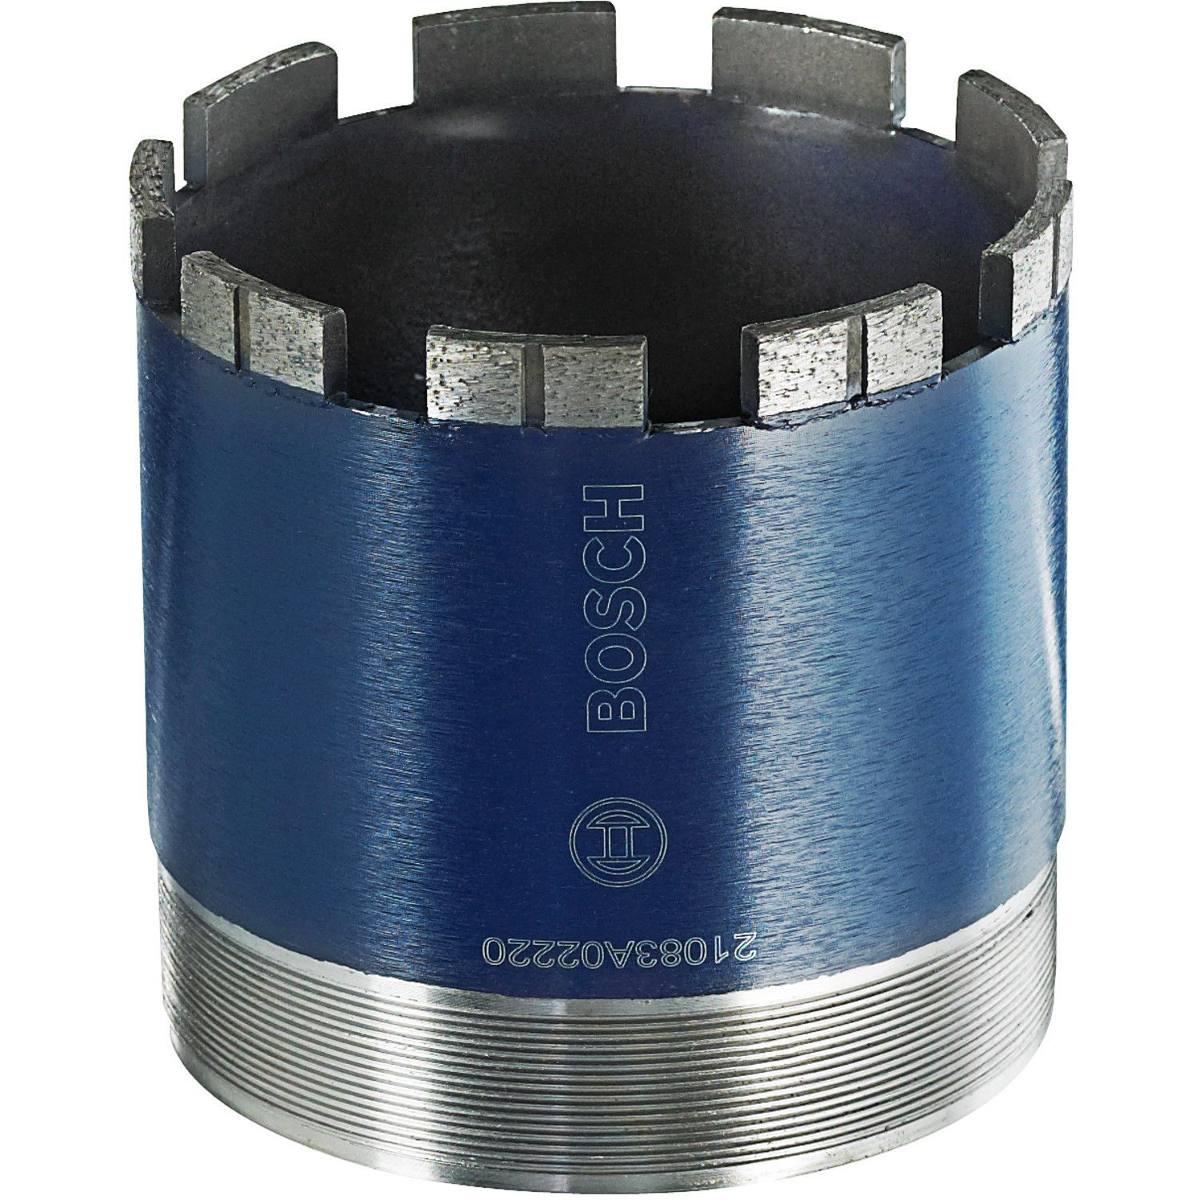 Coroa Diamantada 108 mm  4. 1/4 - Bosch